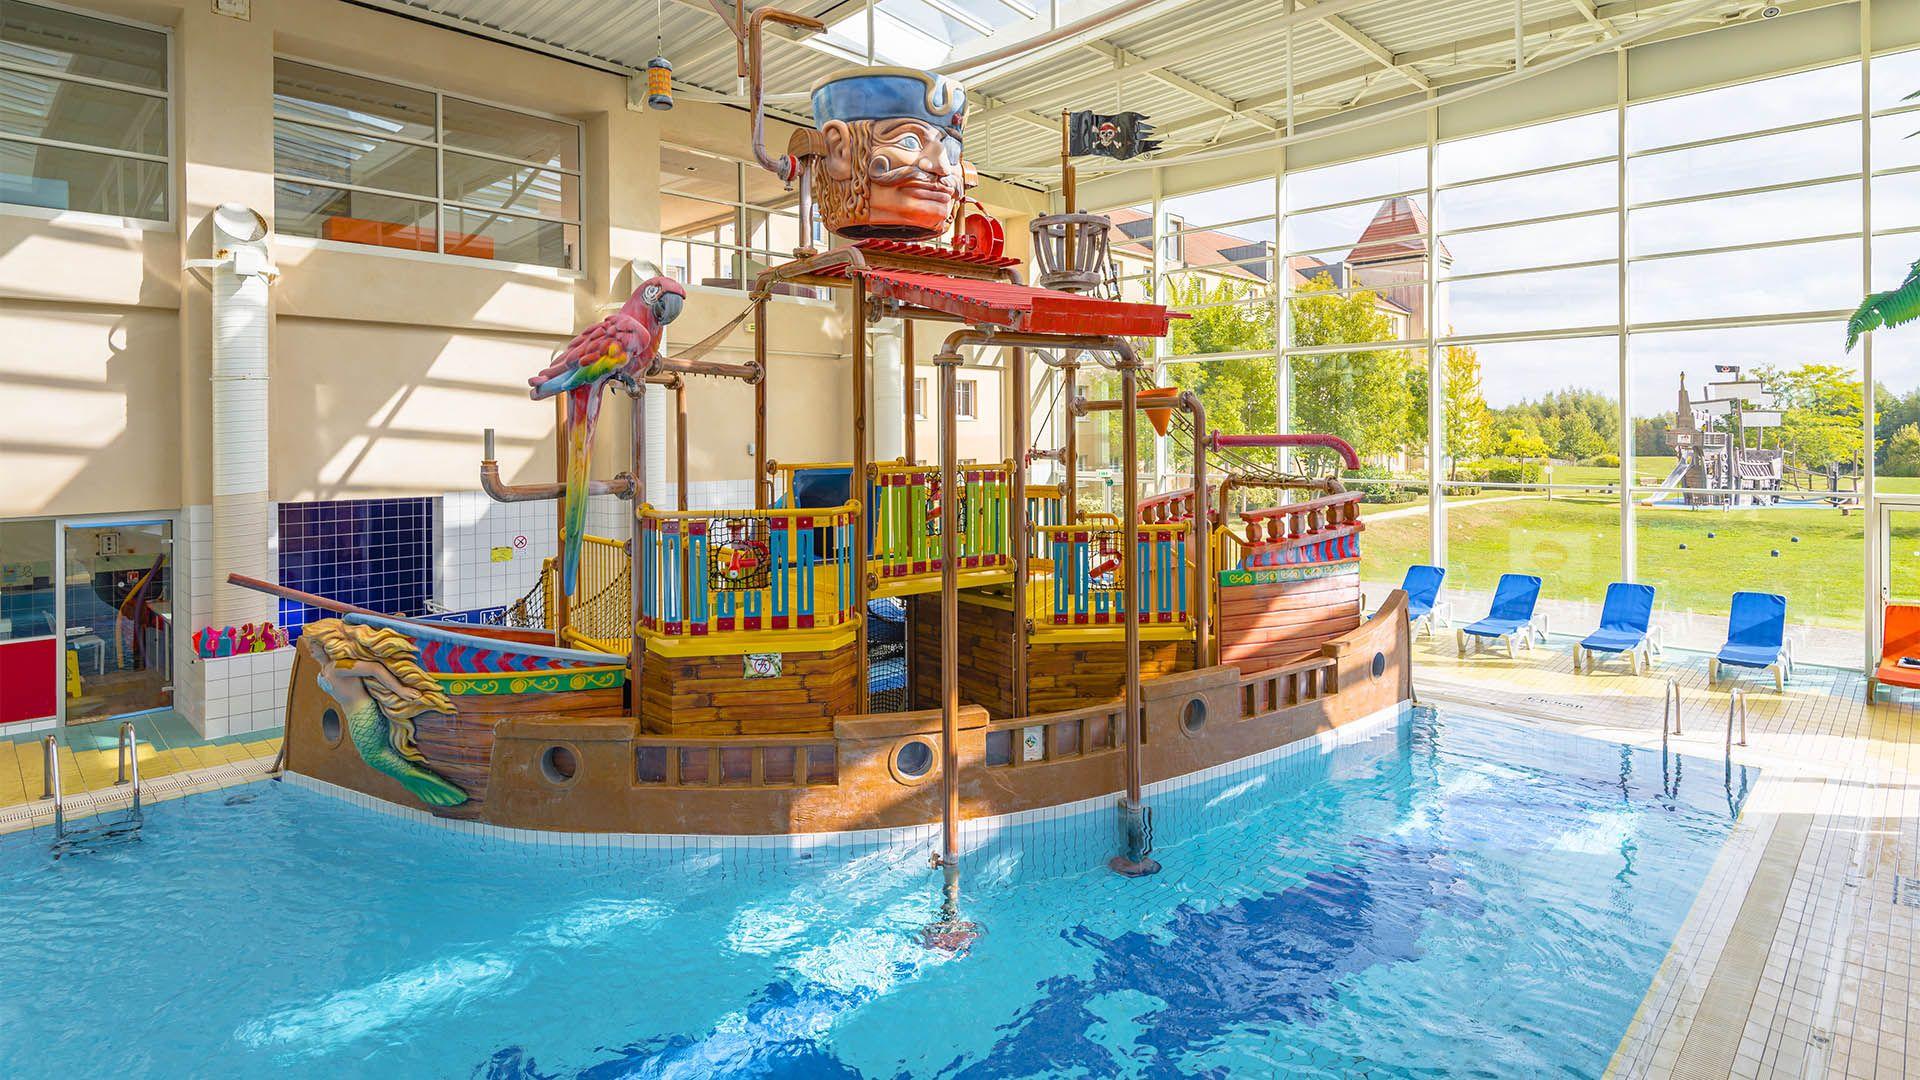 H tel avec piscine disneyland paris h tel explorers - Hotel avec piscine pres de paris ...